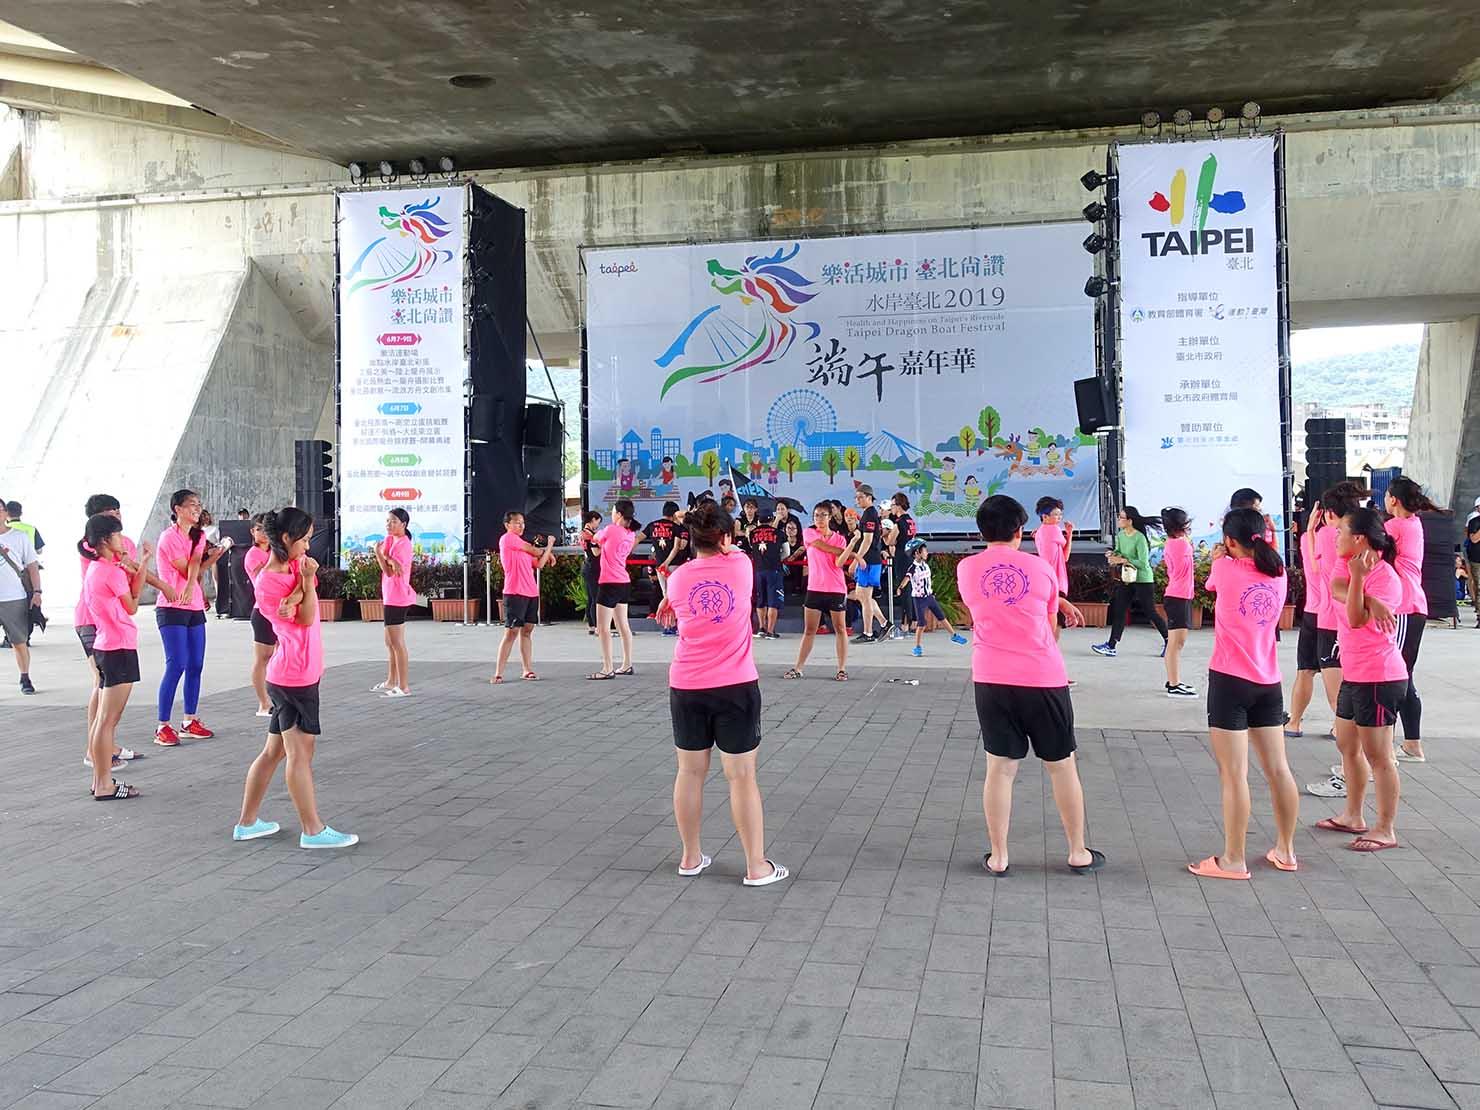 端午節の台北で行われた「龍舟競賽(ドラゴンボートレース)」の会場ステージ前